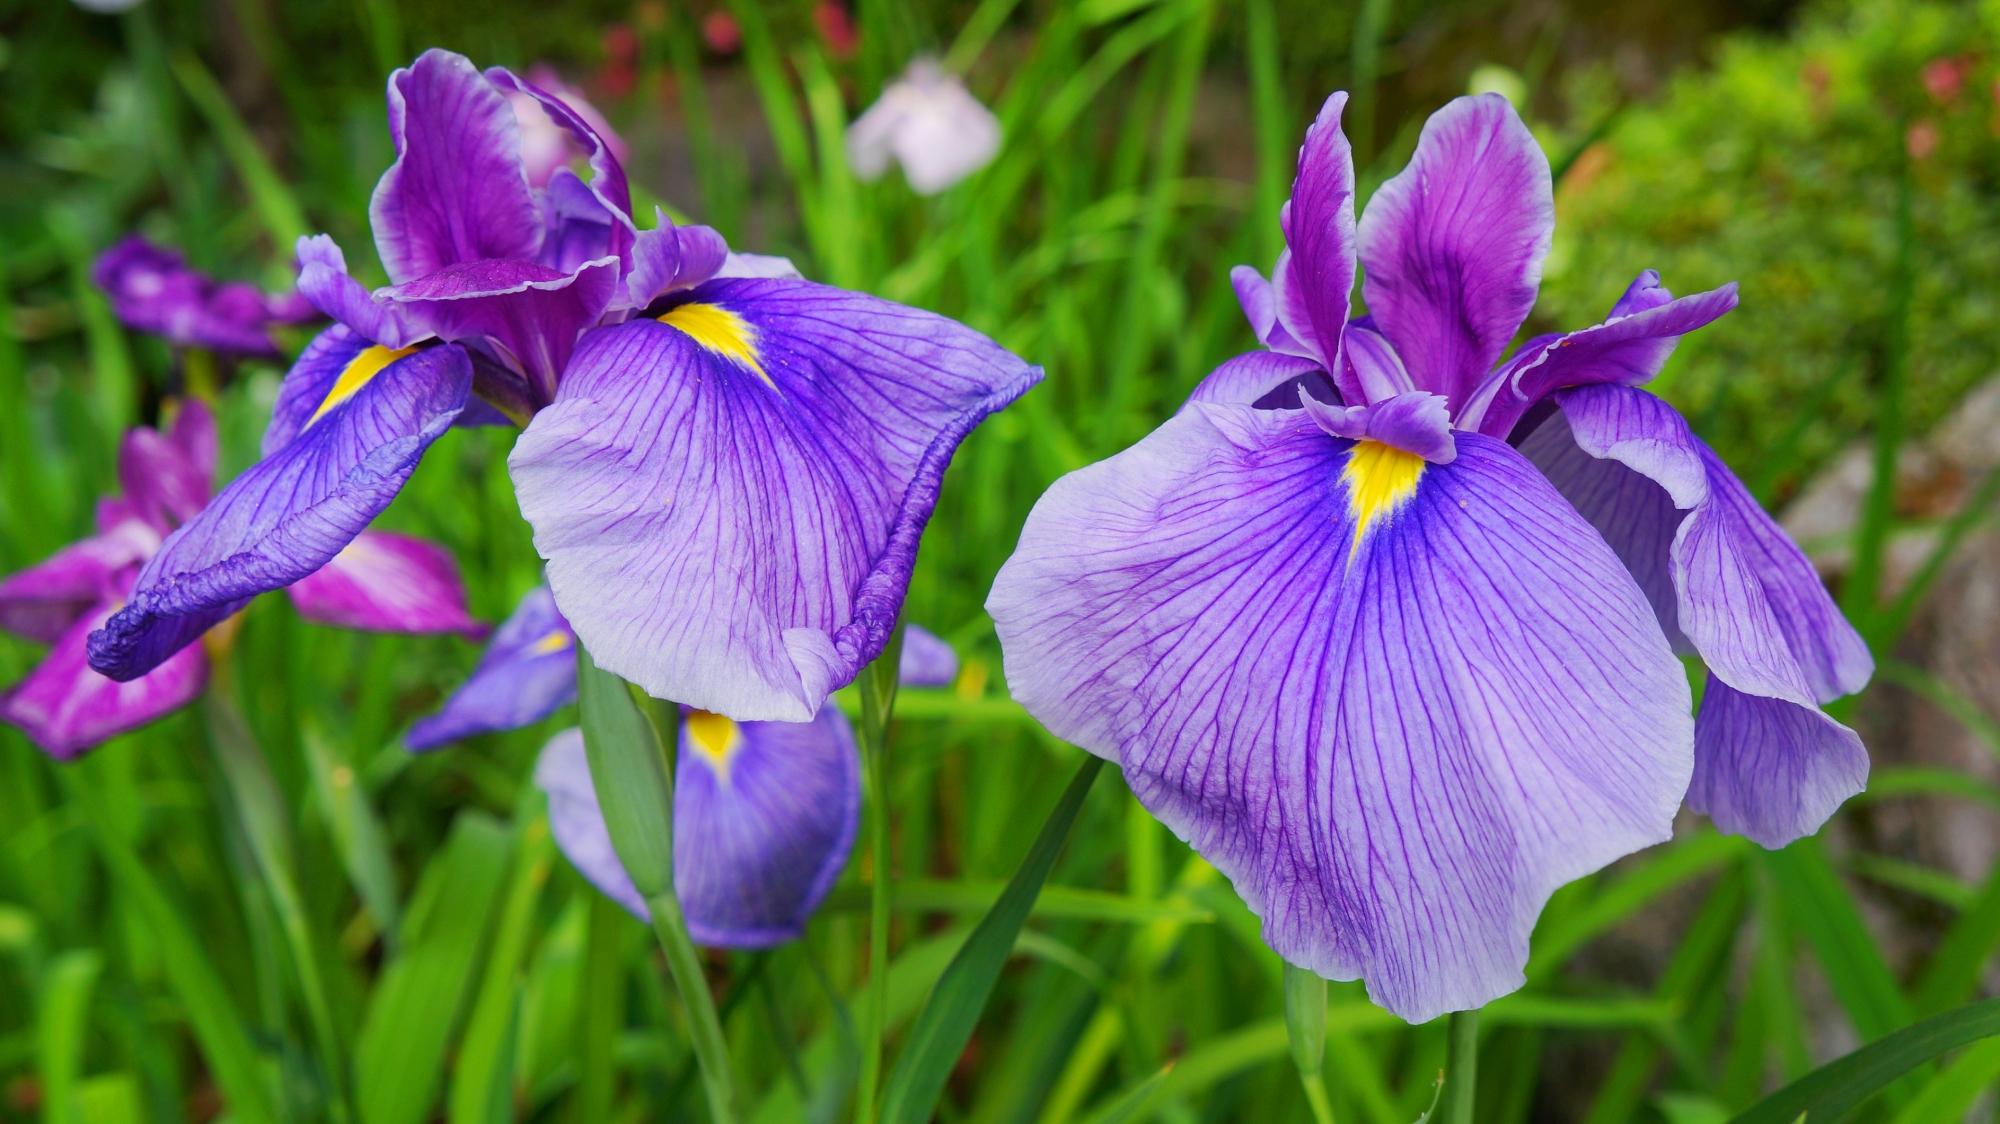 平安神宮神苑に咲く満開の花菖蒲(ハナショウブ) 2013年6月12日